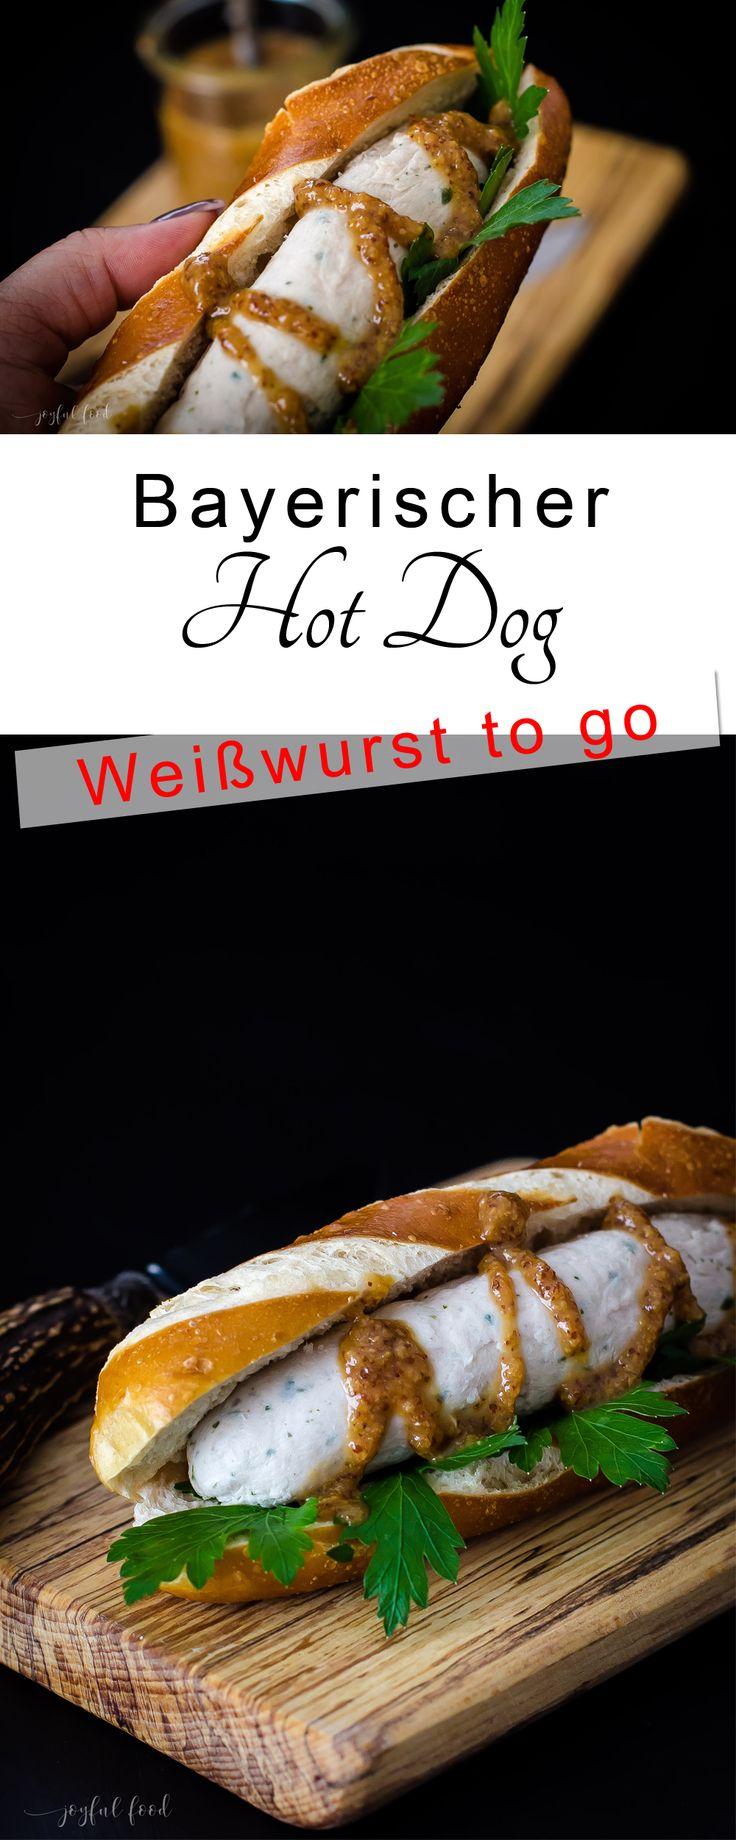 Ein Bayerischer Hot Dog. Die Weißwurst to go, quasi. Normalerweise wird die Wurst ja gemütlich mit einem schönen Weißbier und einer Breze gegessen. Aber wenn es mal schnell gehen muss, dann kann man sie so auch auf die Hand nehmen.